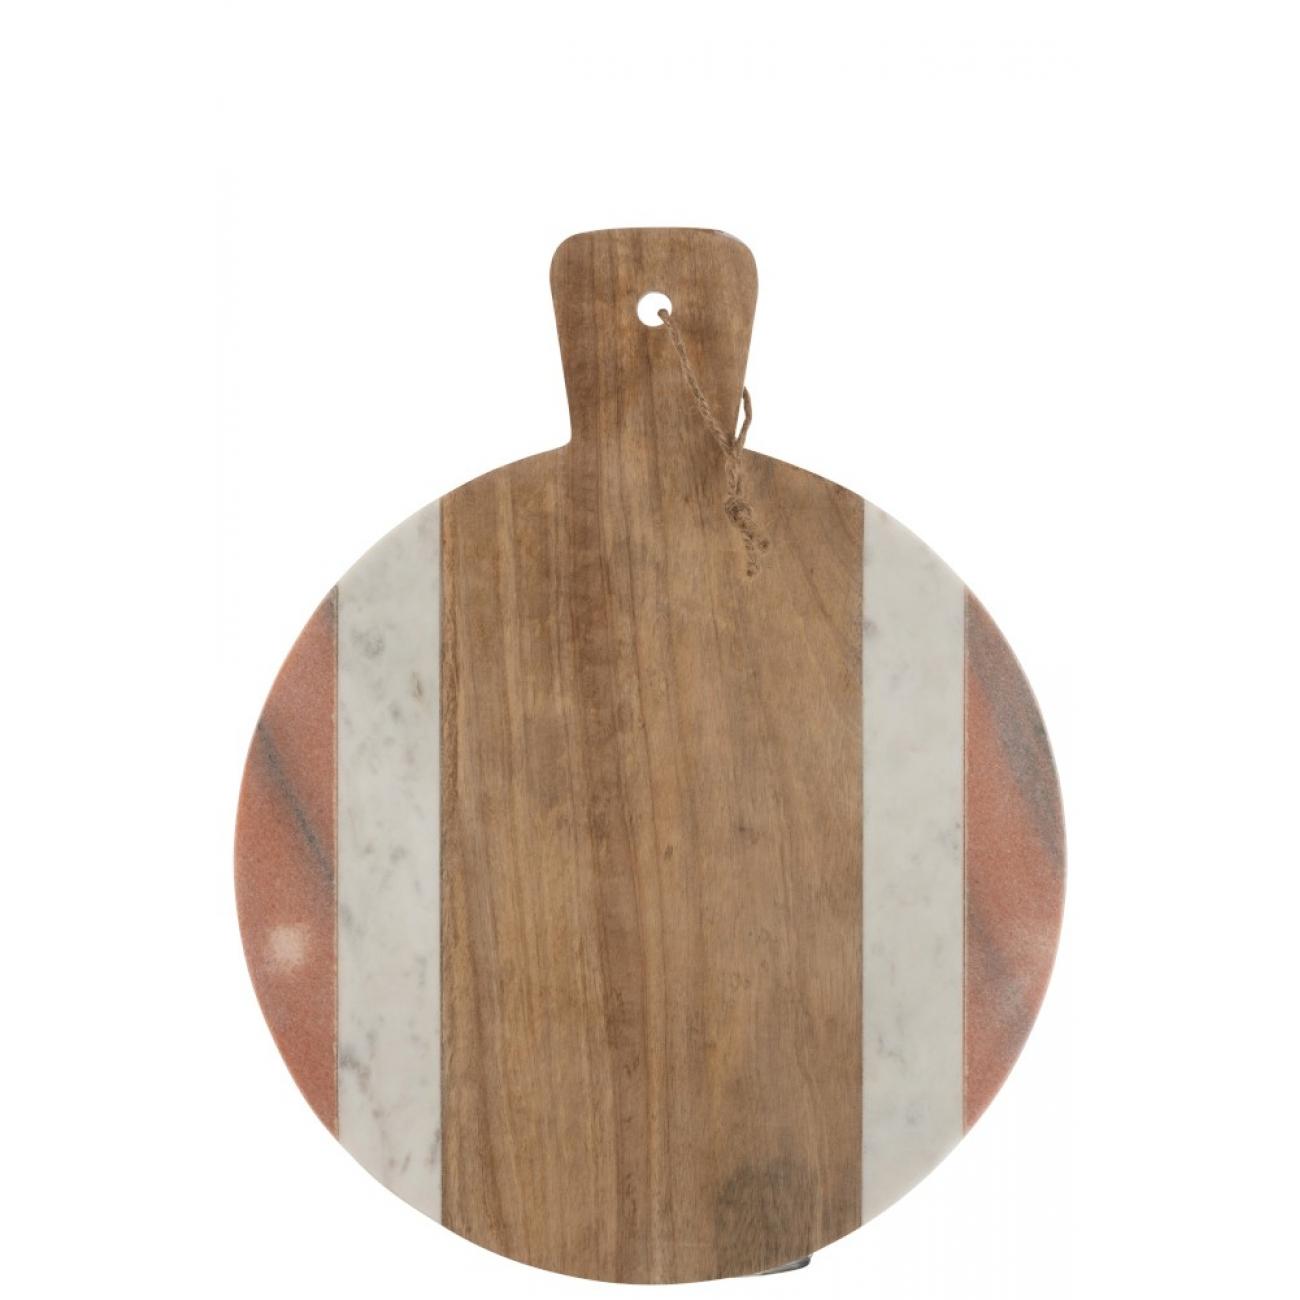 Доска для сервировки  J-LINE из дерева и вставками из камня 40х30 см Бельгия